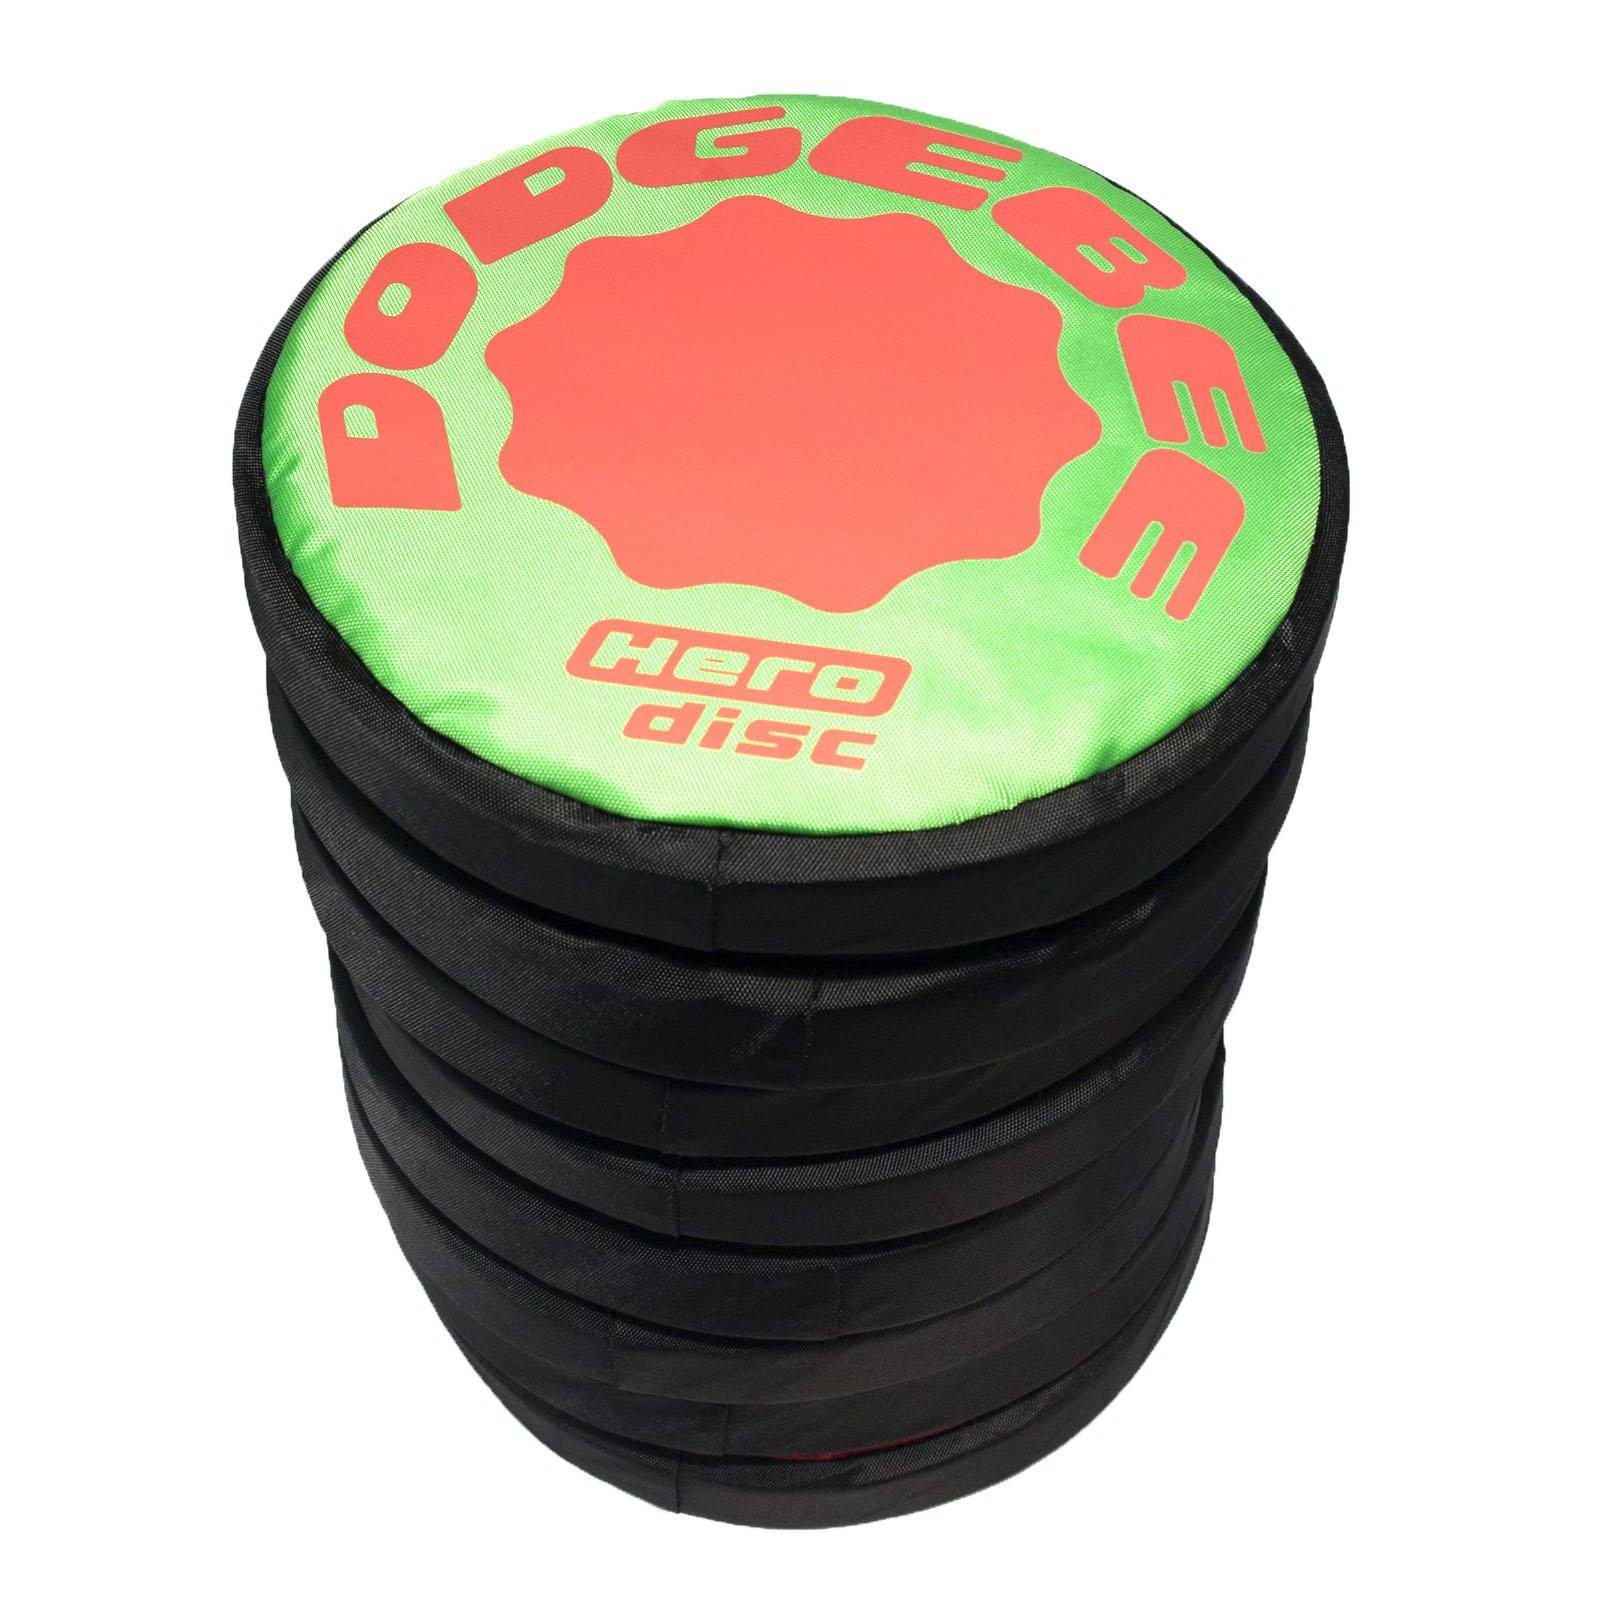 Hero Dodgebee 270-8 Disc Set